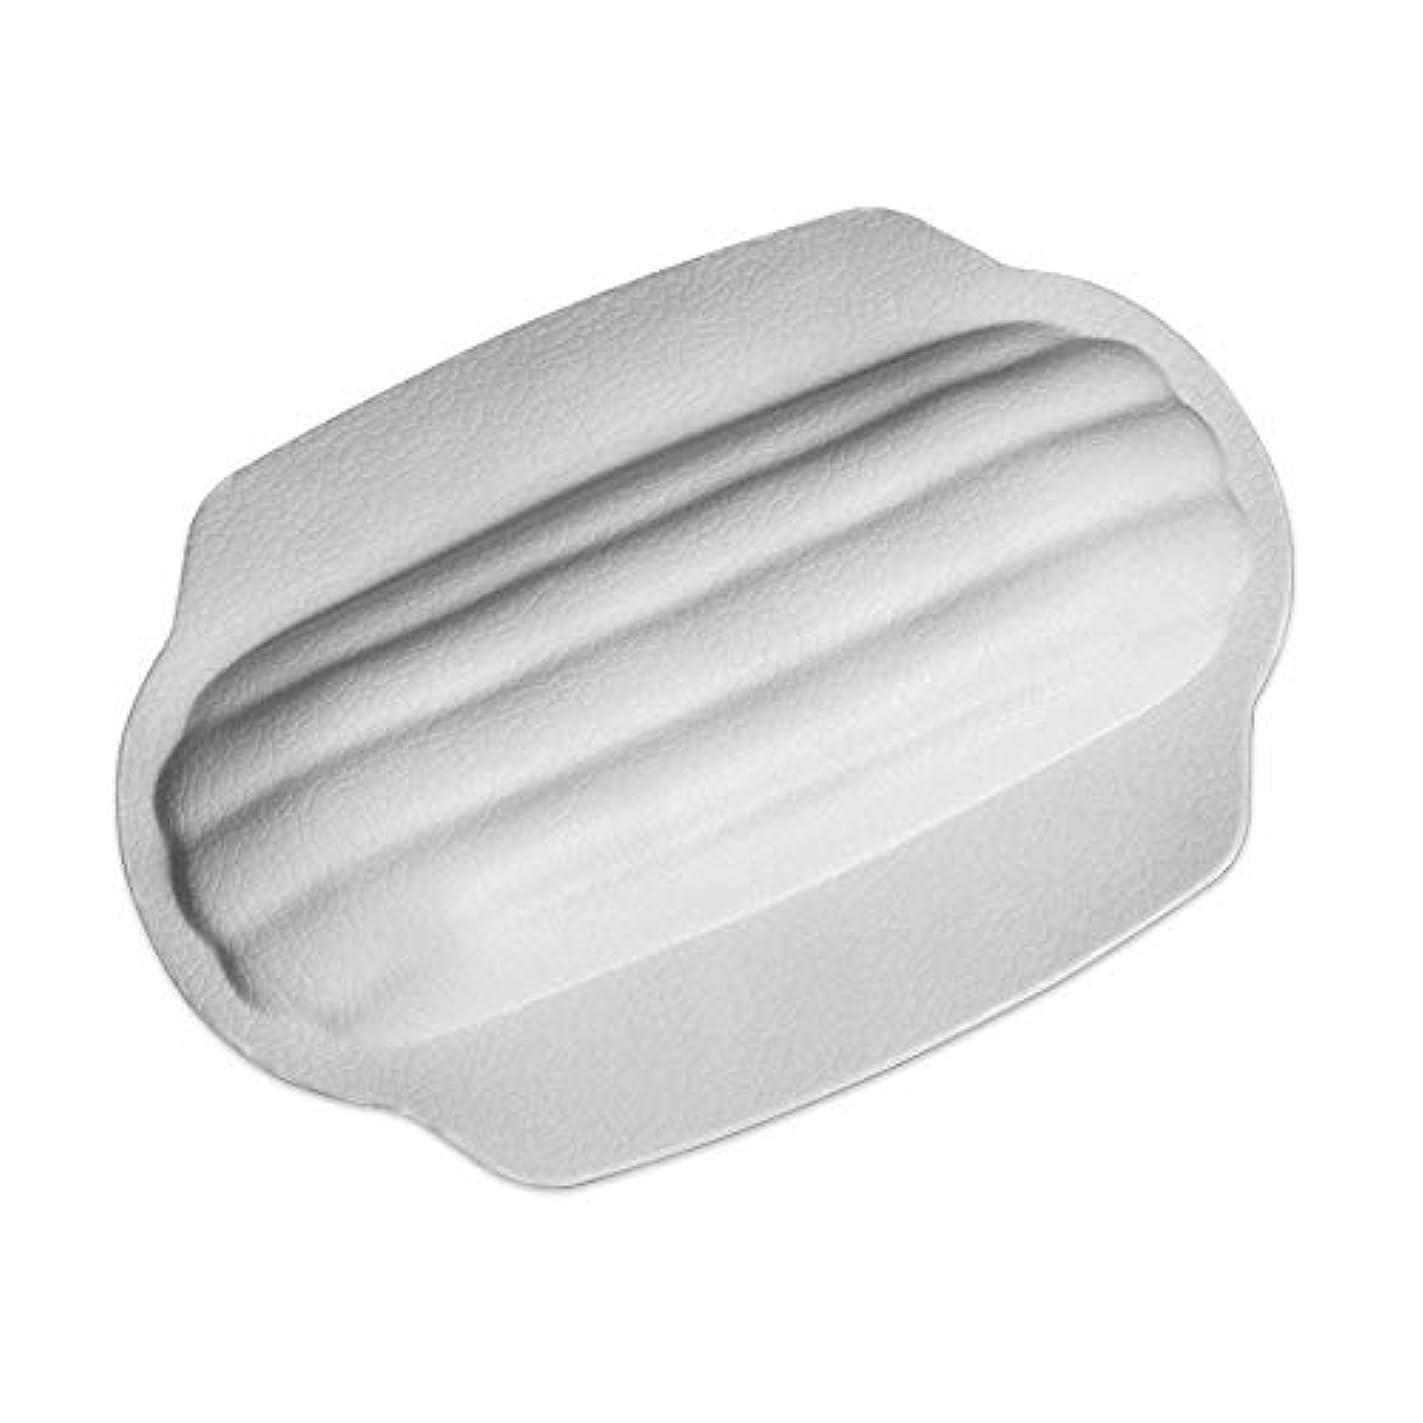 縞模様の放棄縮約サクションカップ付き防水滑り止めスパ枕厚めユニバーサルバスタブ枕バスタブと抗菌性